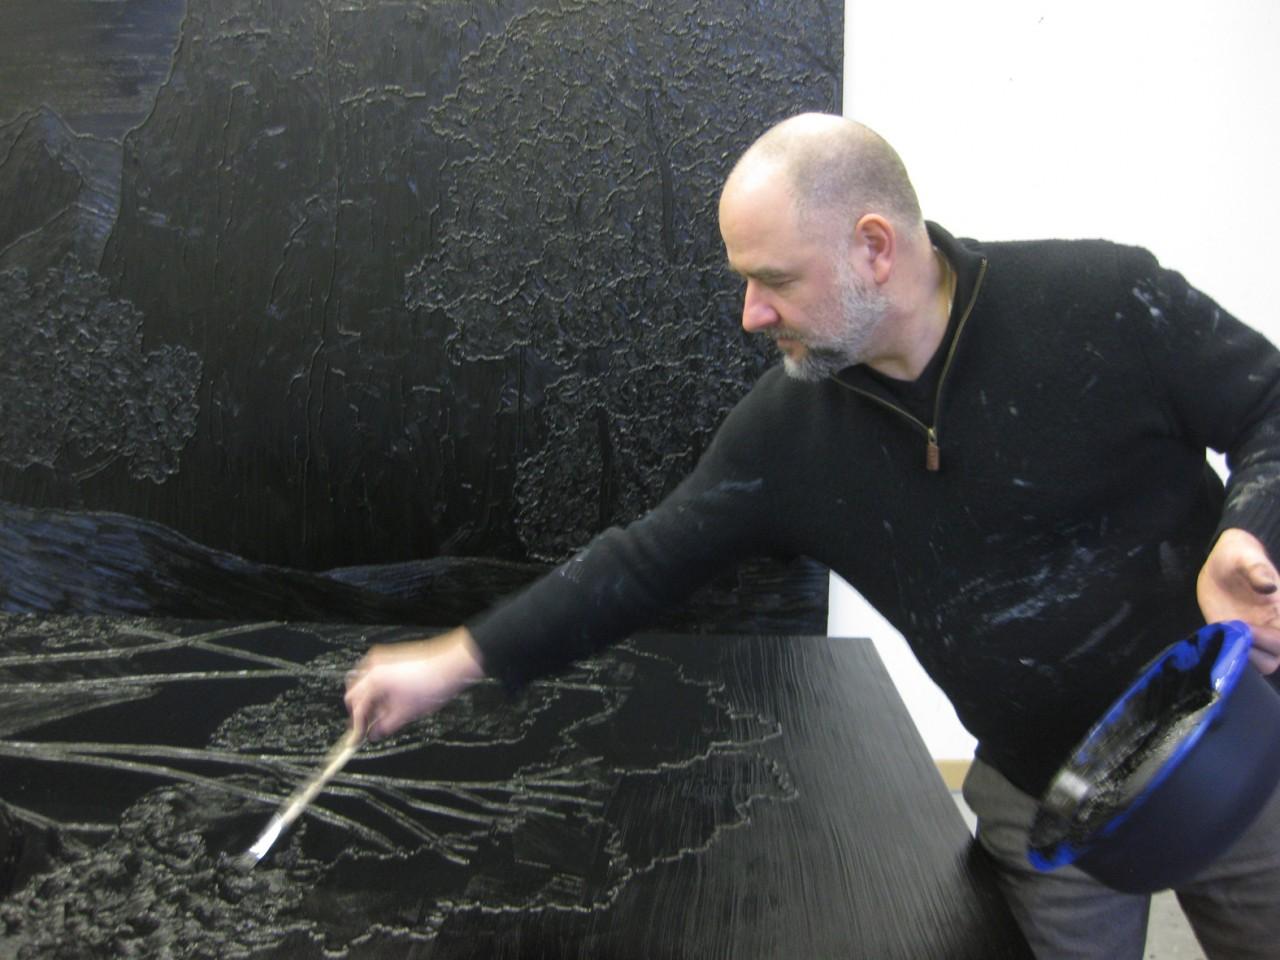 Sven Drühl Radiotalk at WDR 3 Mosaik